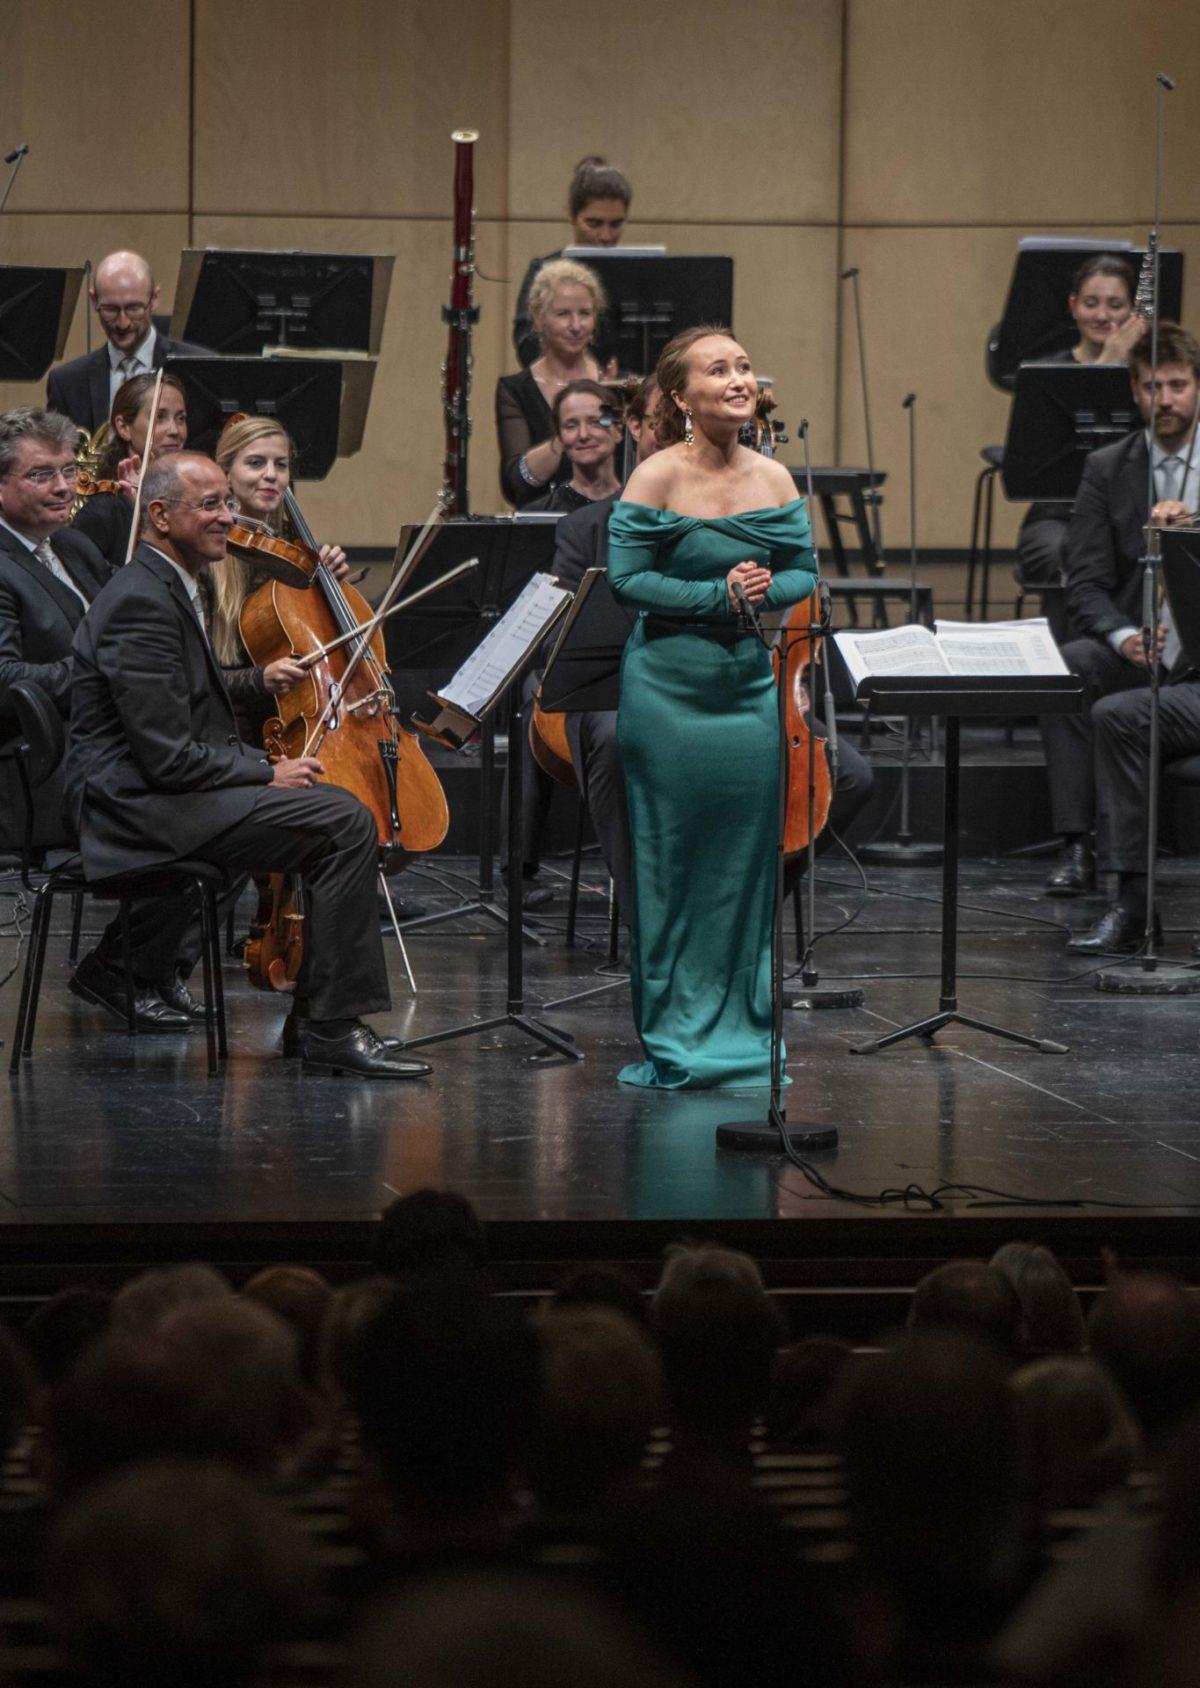 Julia Lezhneva in Salzburg: So soll Mozart klingen!  Salzburger Festspiele, 19. August 2020